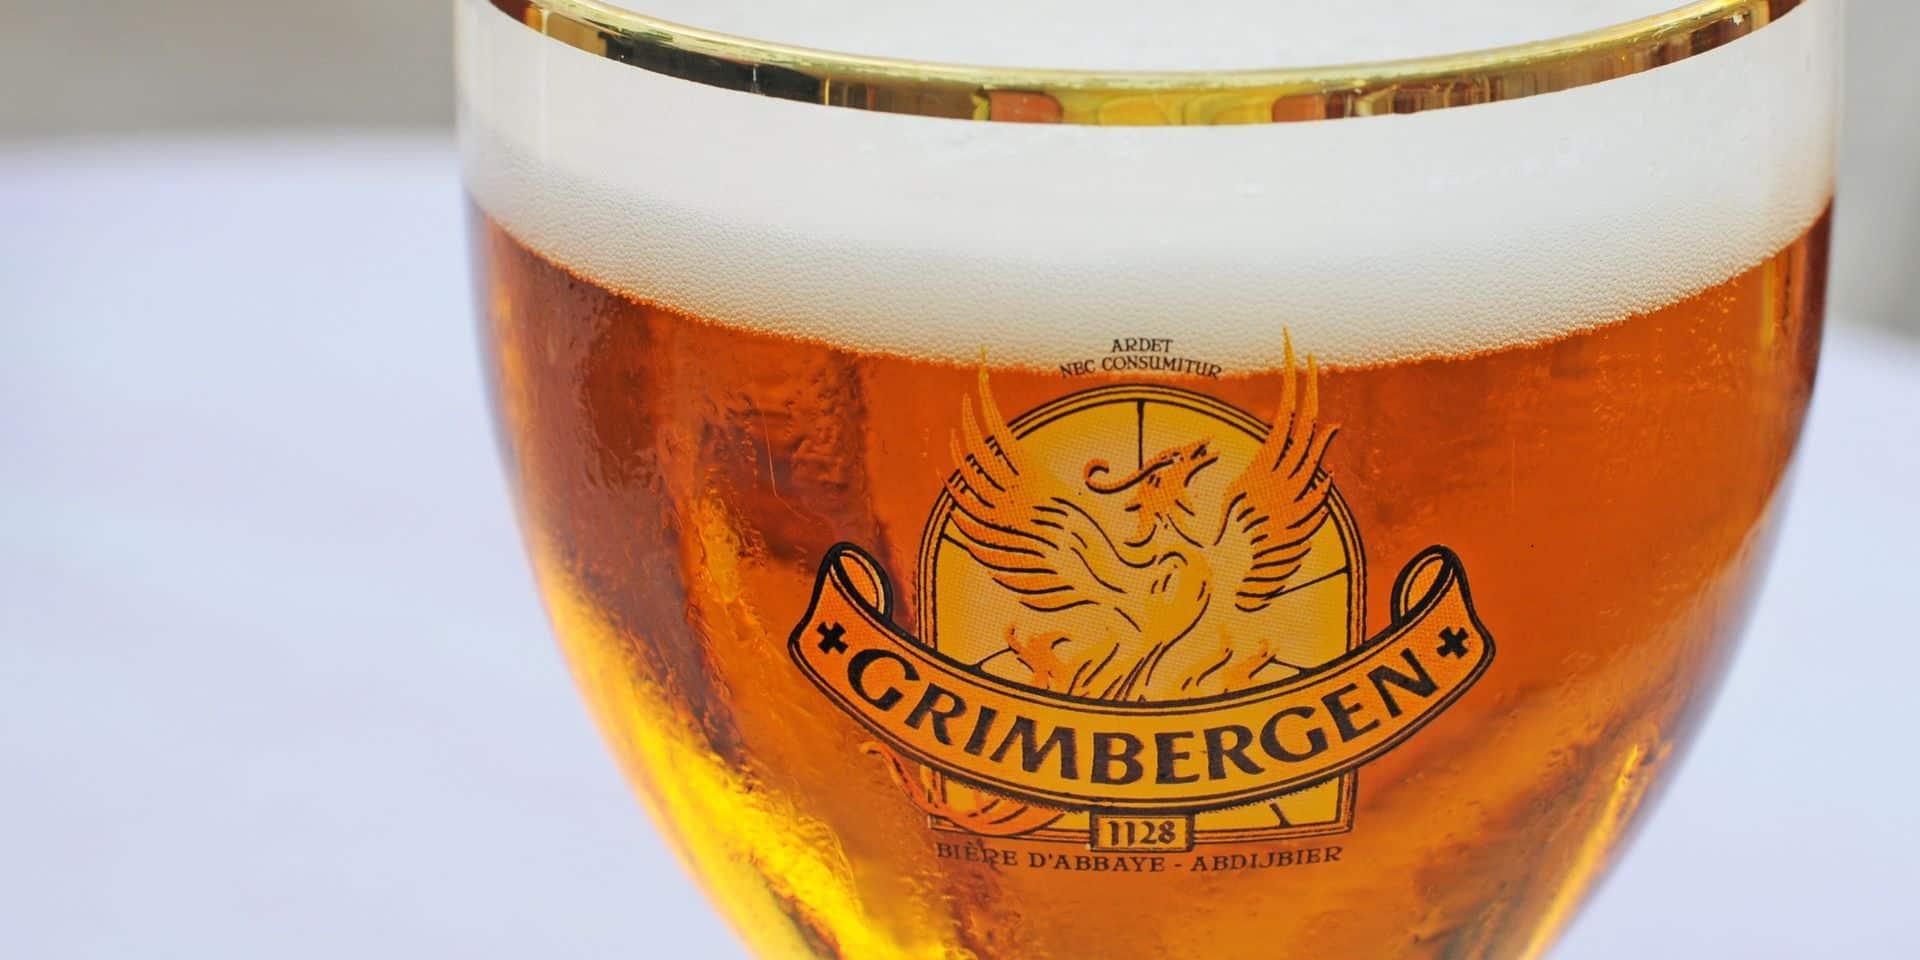 L'abbaye de Grimbergen inaugure sa microbrasserie en lançant une bière à la levure de champagne